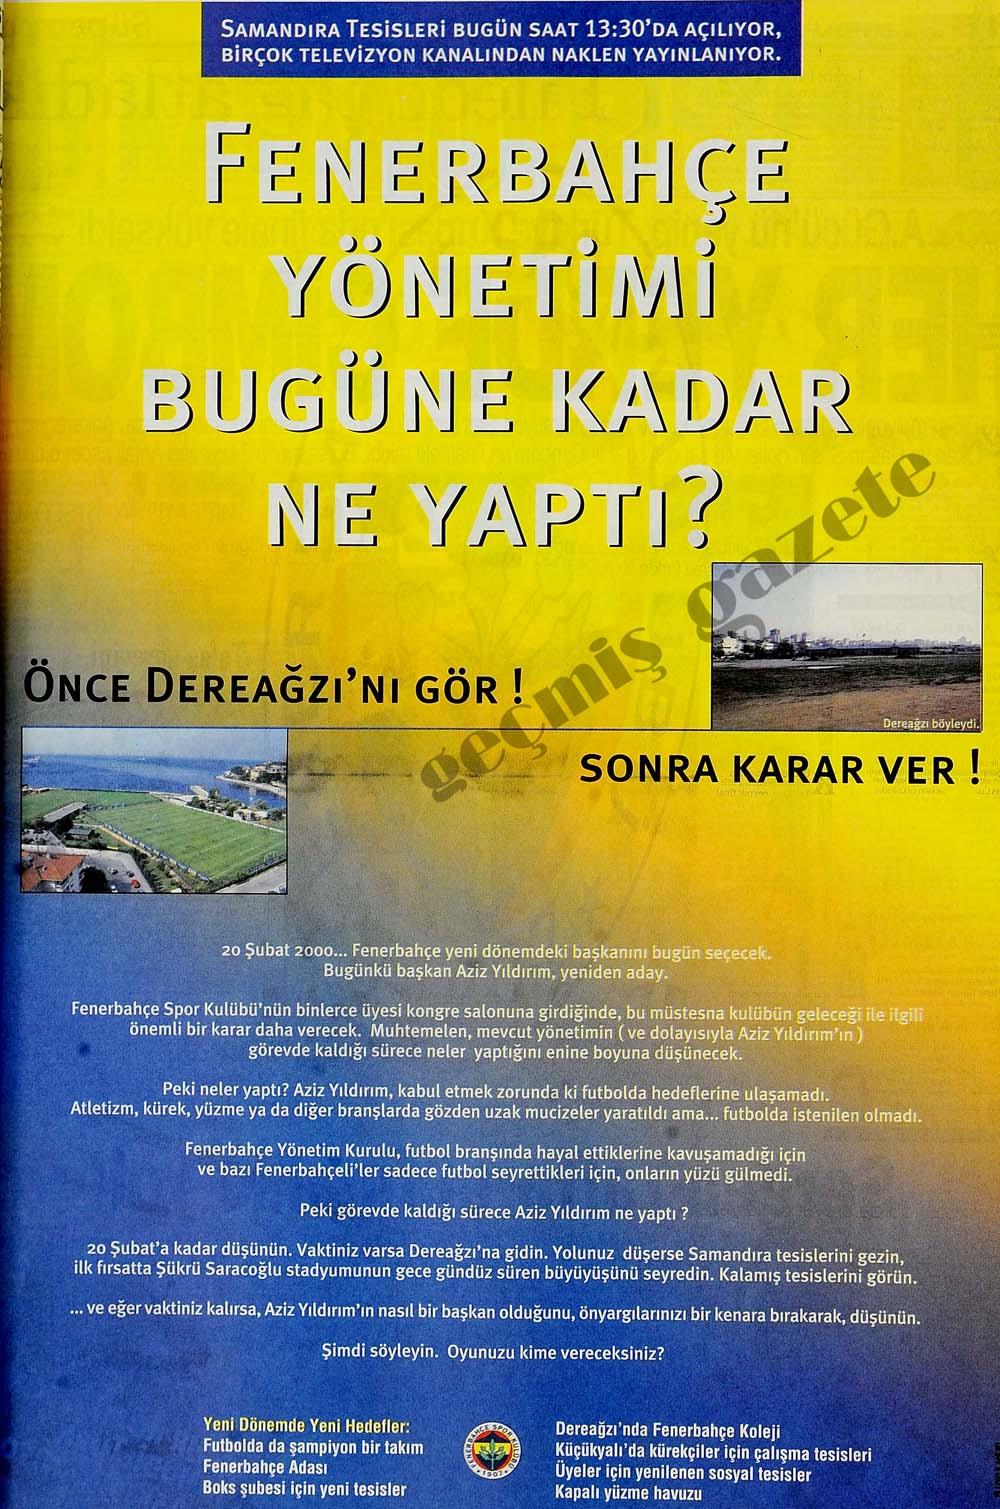 Fenerbahçe yönetimi bugüne kadar ne yaptı?